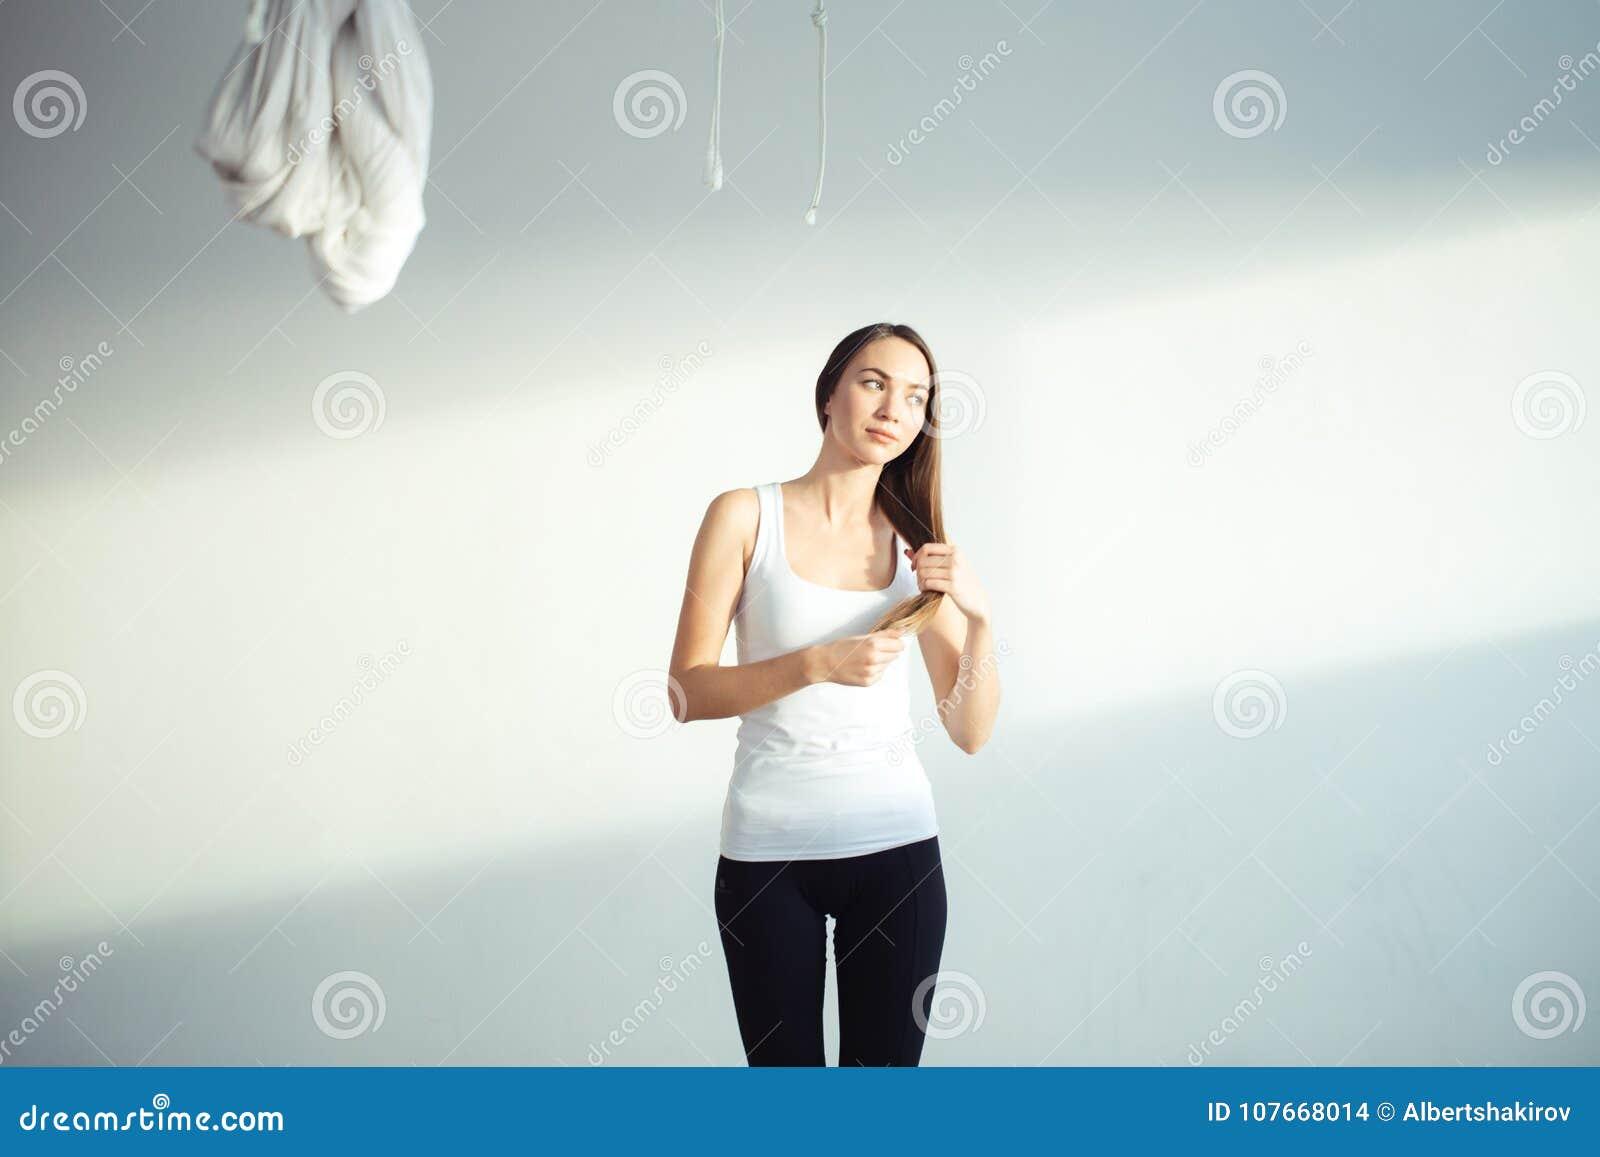 Kvinnor som förbereder sig för att göra yoga gör frisyren